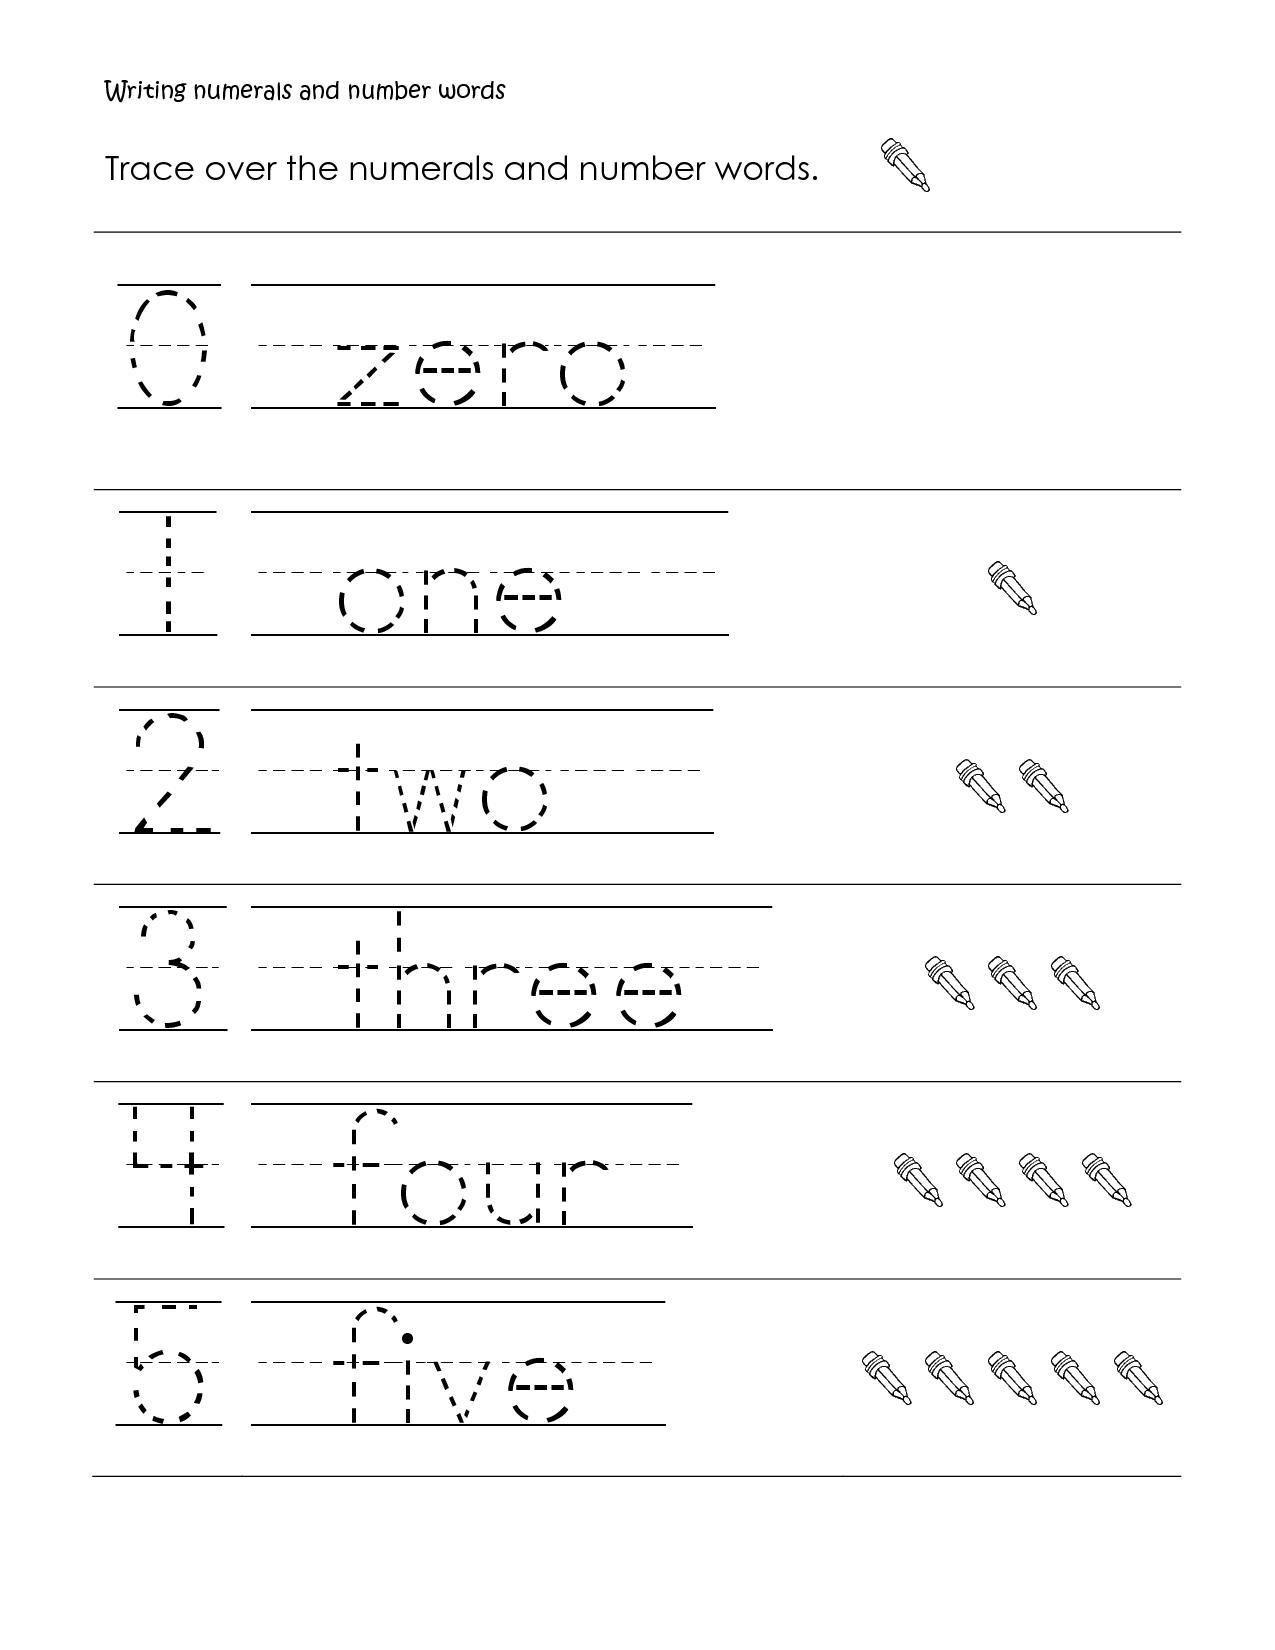 51 Word Tracing Worksheets For Kindergarten In